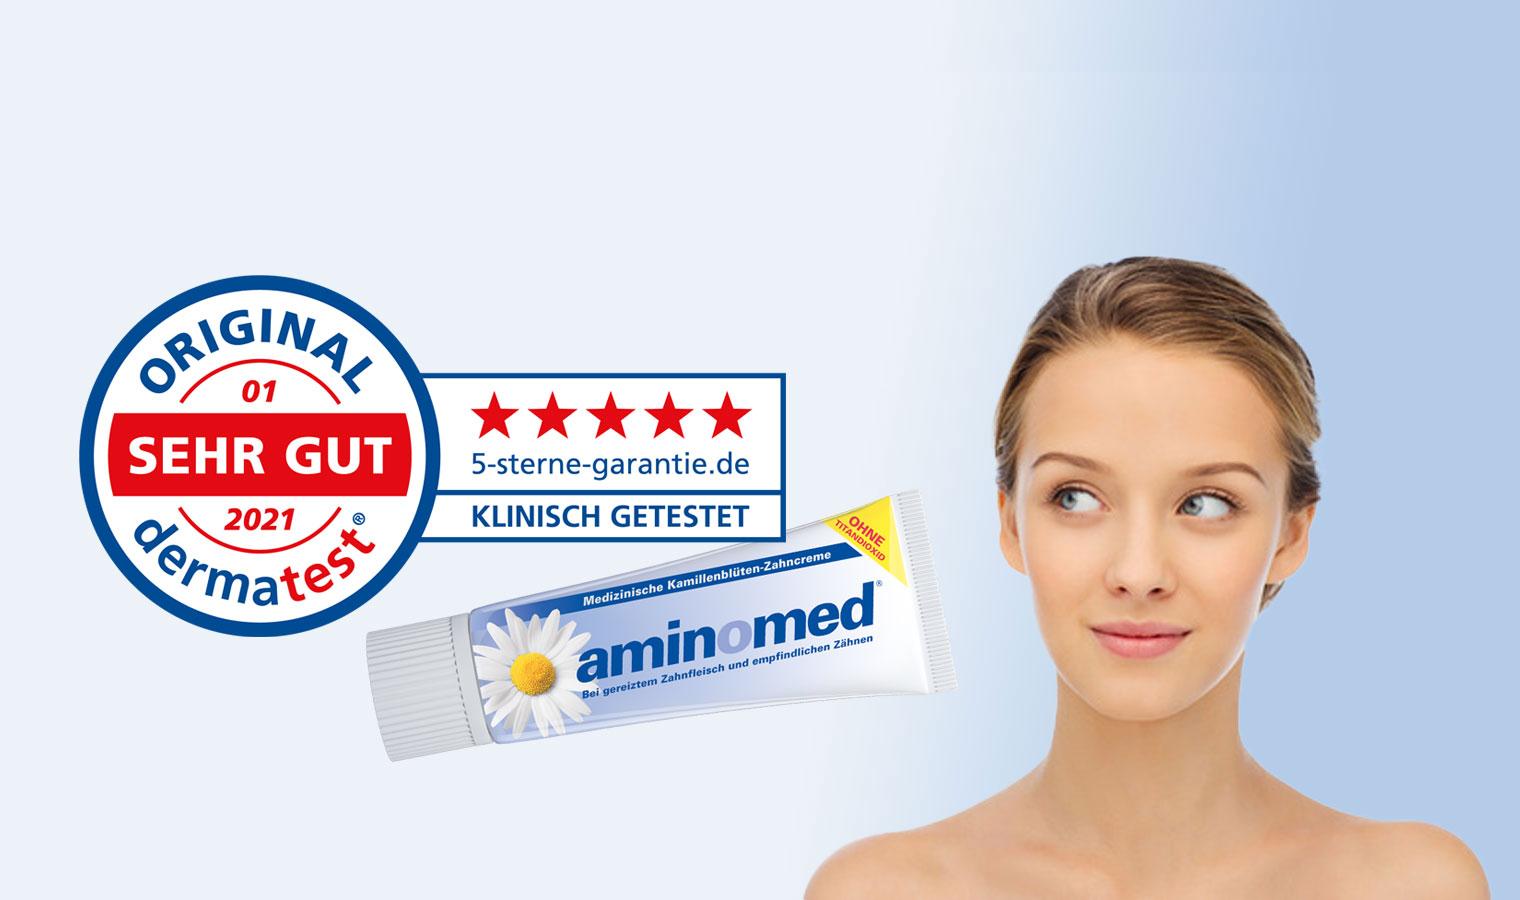 Aminomed - Wirksamkeit durch klinische Studien bestätigt